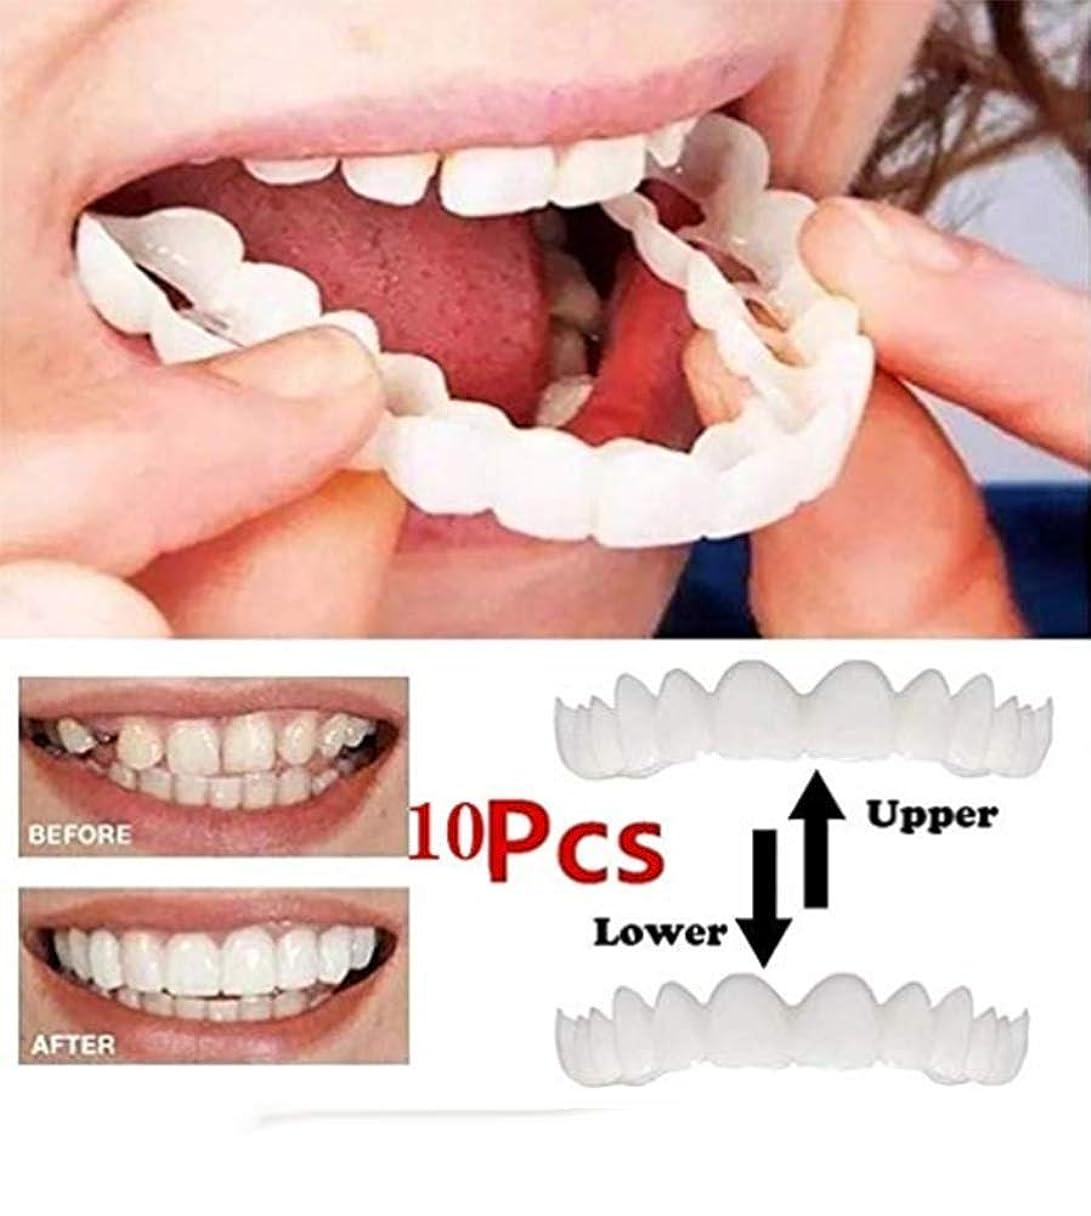 後方例外力強い10ピース上部と下部の一時的な笑顔の快適さ化粧品の歯、義歯化粧品の歯を快適にする再使用可能な大人快適な歯突き板、5ペア